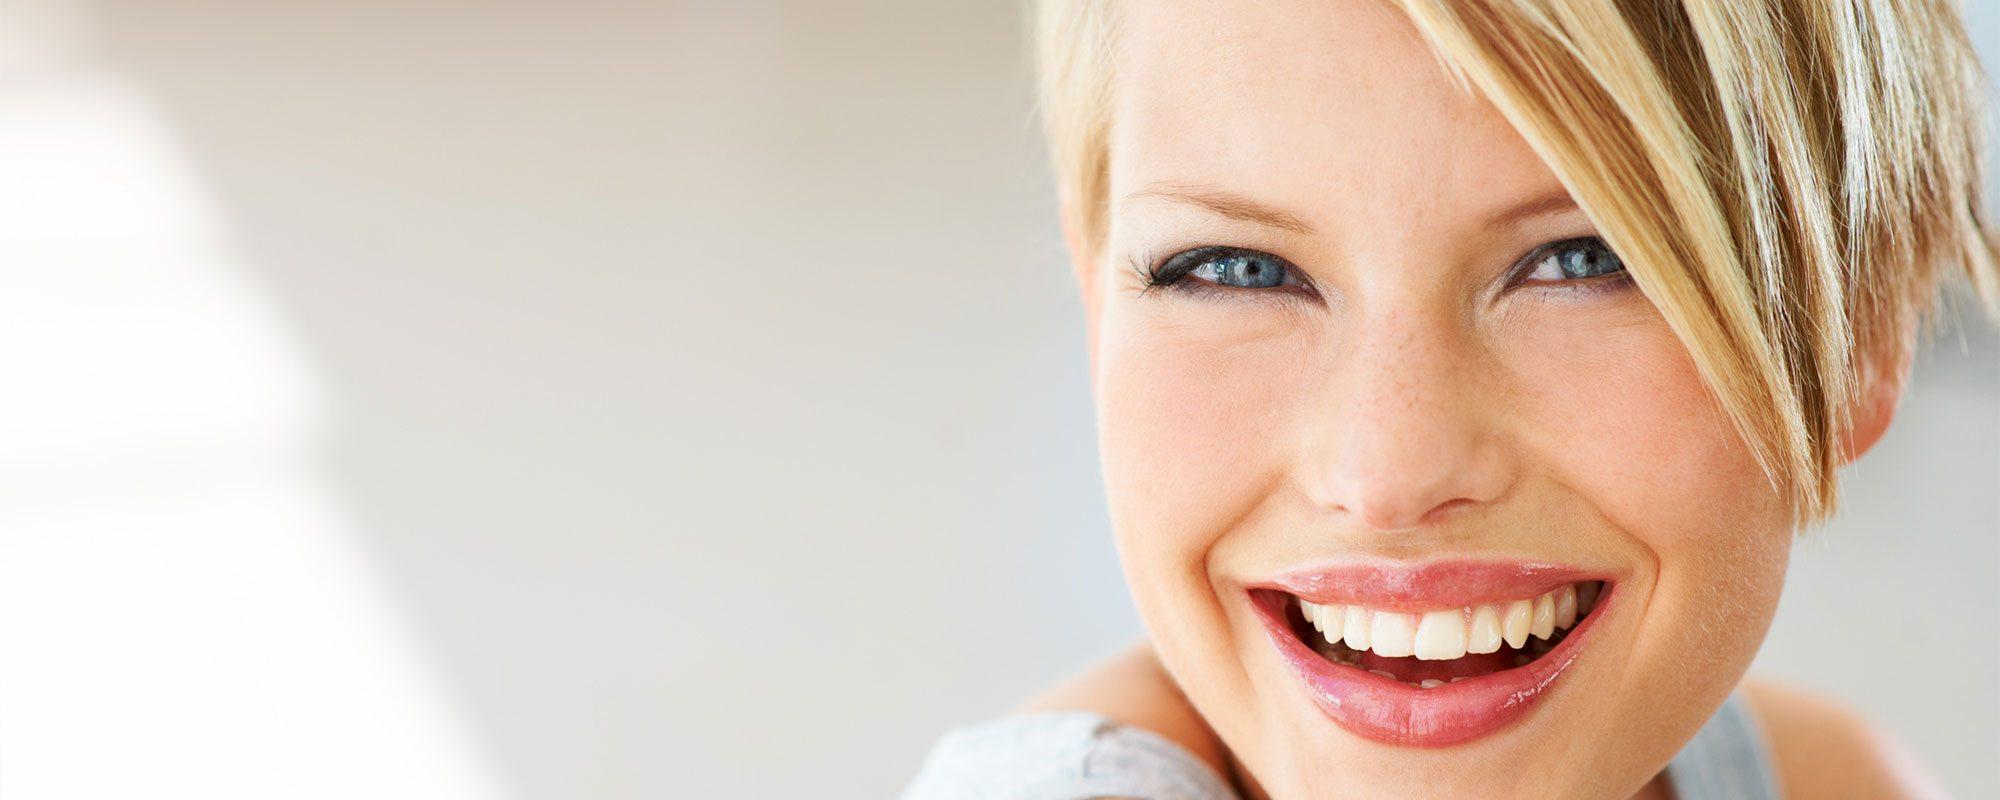 <span>Teeth</span> Whitening